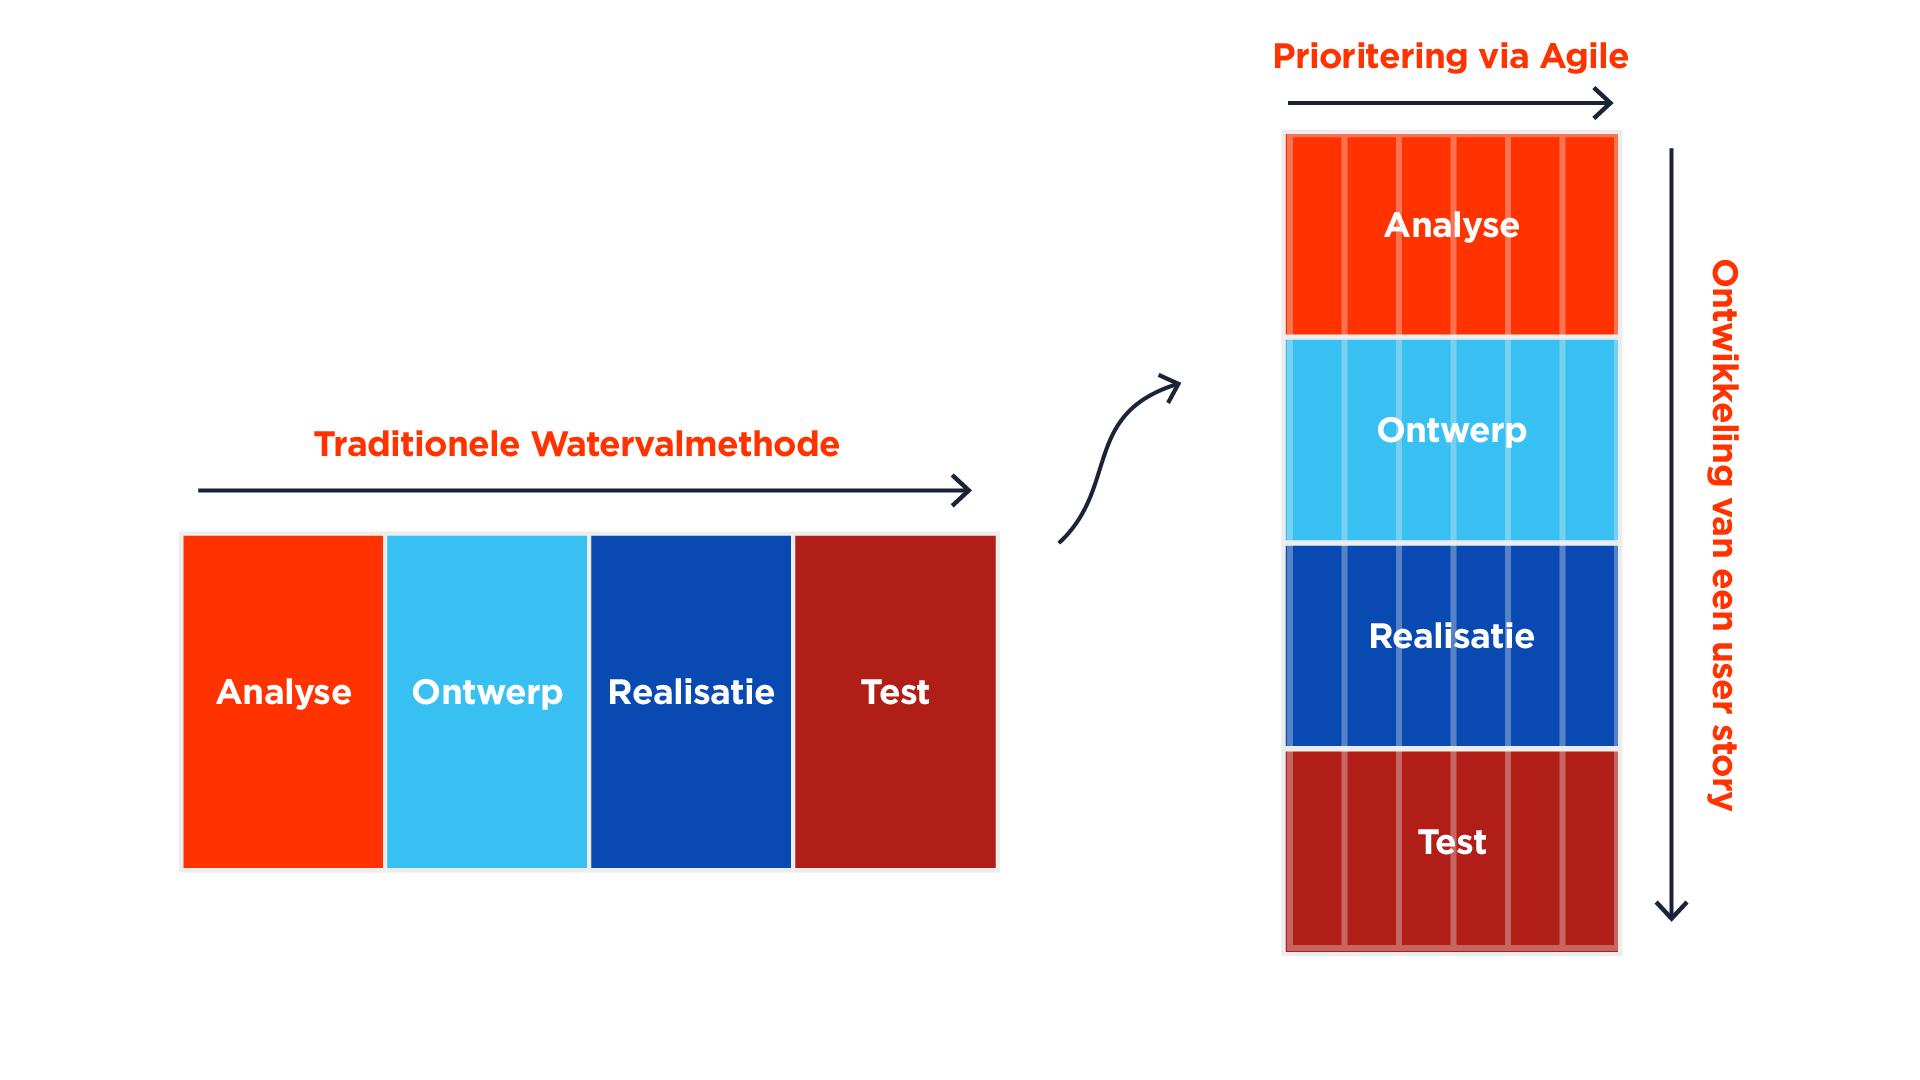 Prioritering_via_agile